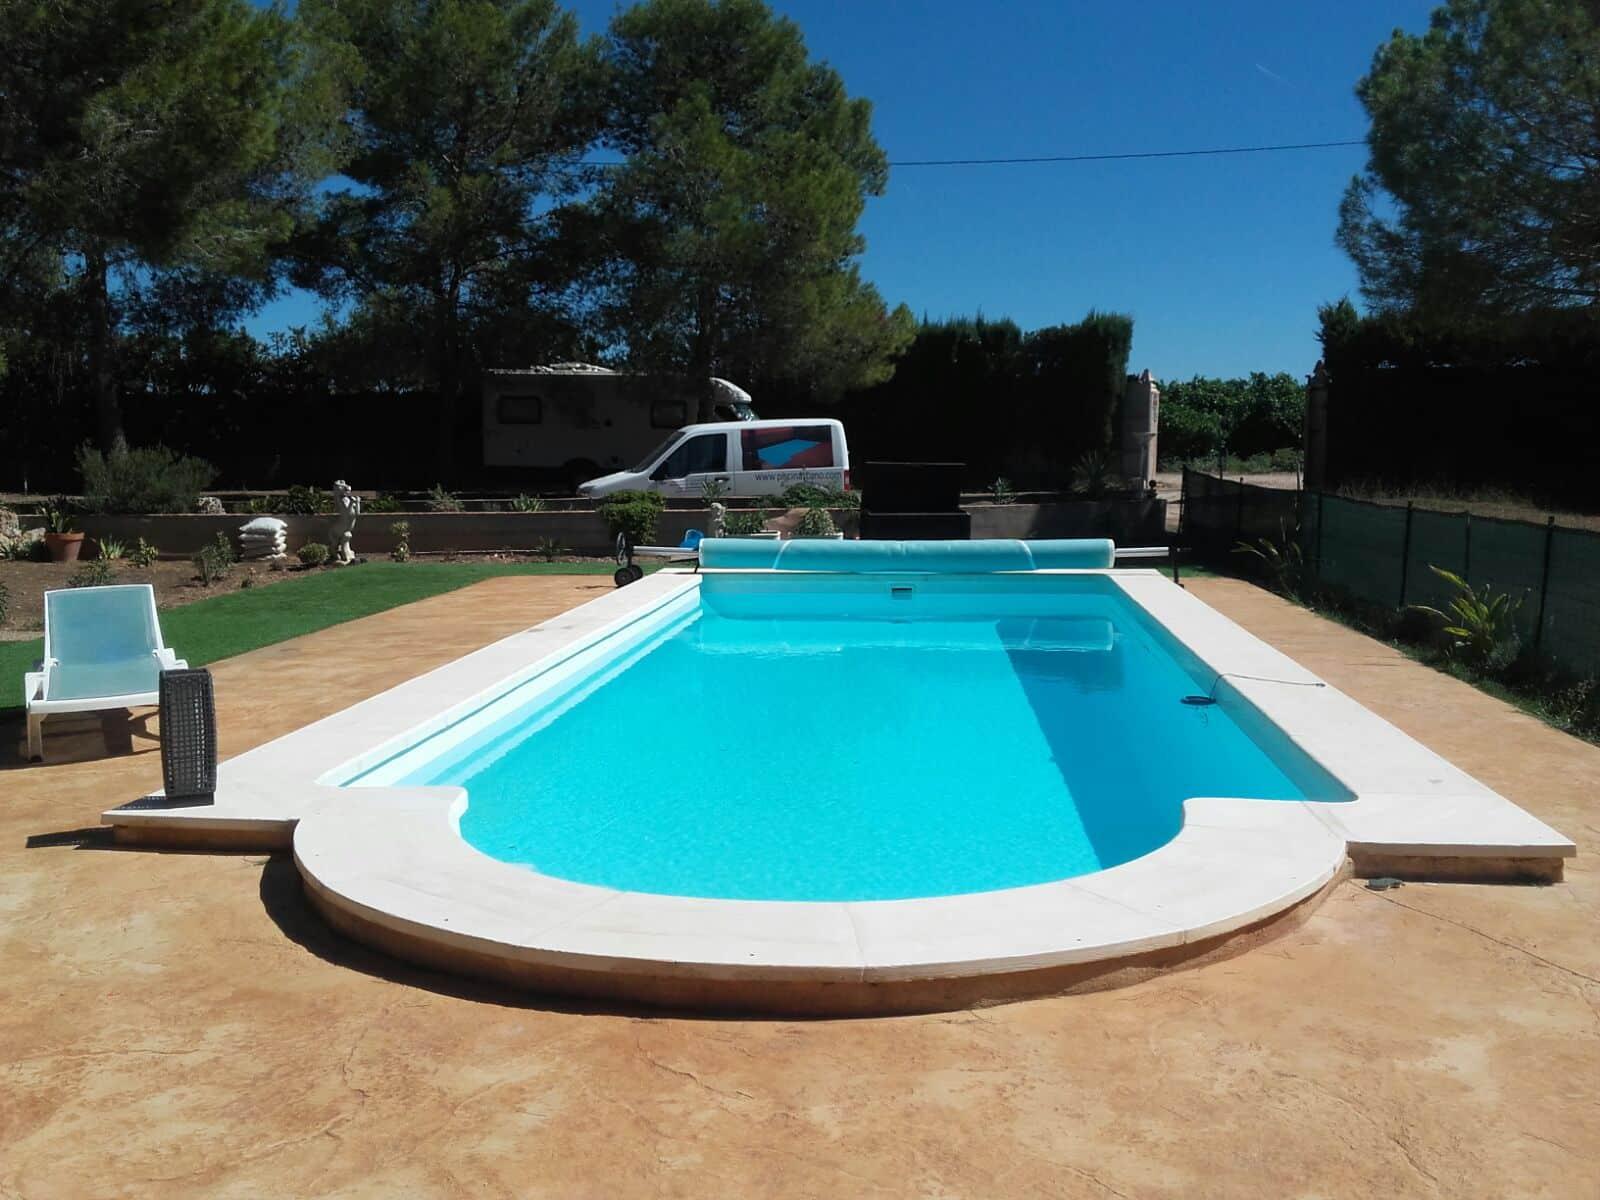 De piscinas valencia beautiful consejos prcticos para combatir el polen de la piscina with de - Piscinas cubiertas en valencia ...